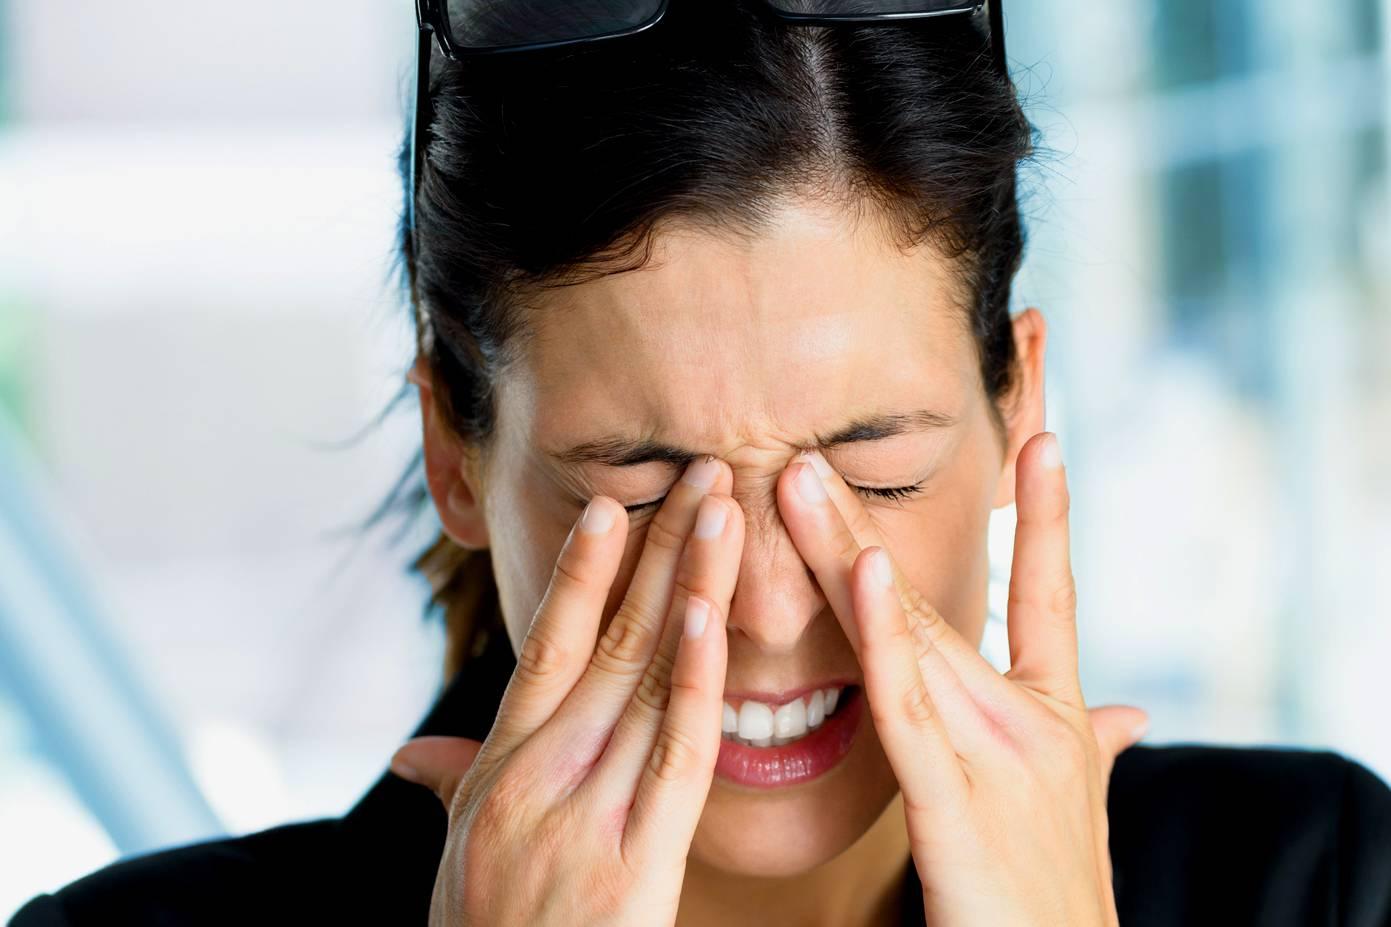 fizikai megterhelés után a látás romlik